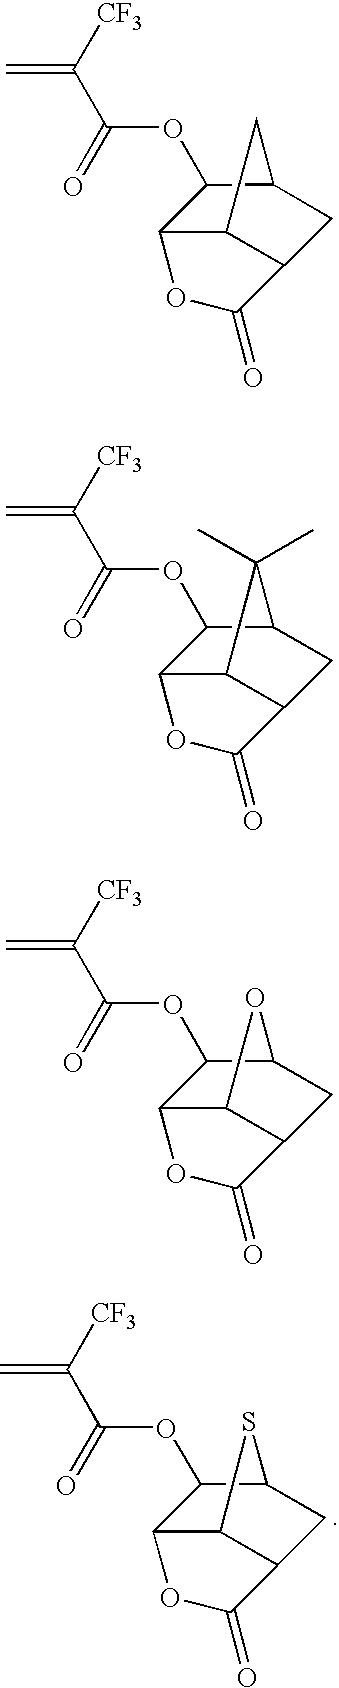 Figure US06680389-20040120-C00014